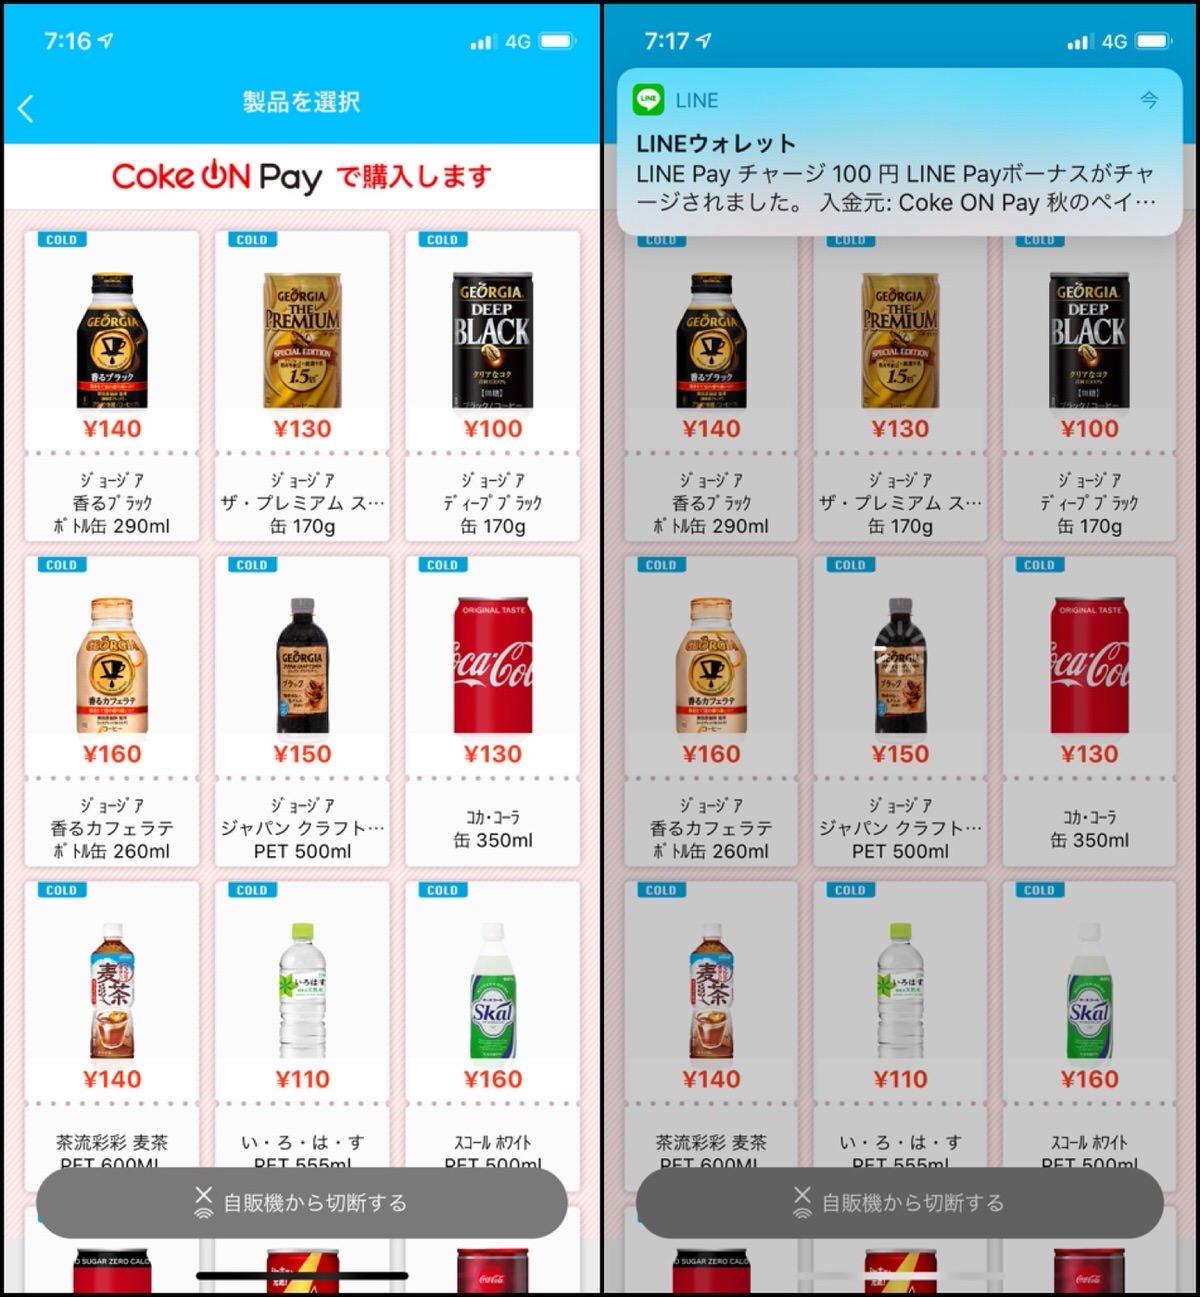 Coke on Pay-5